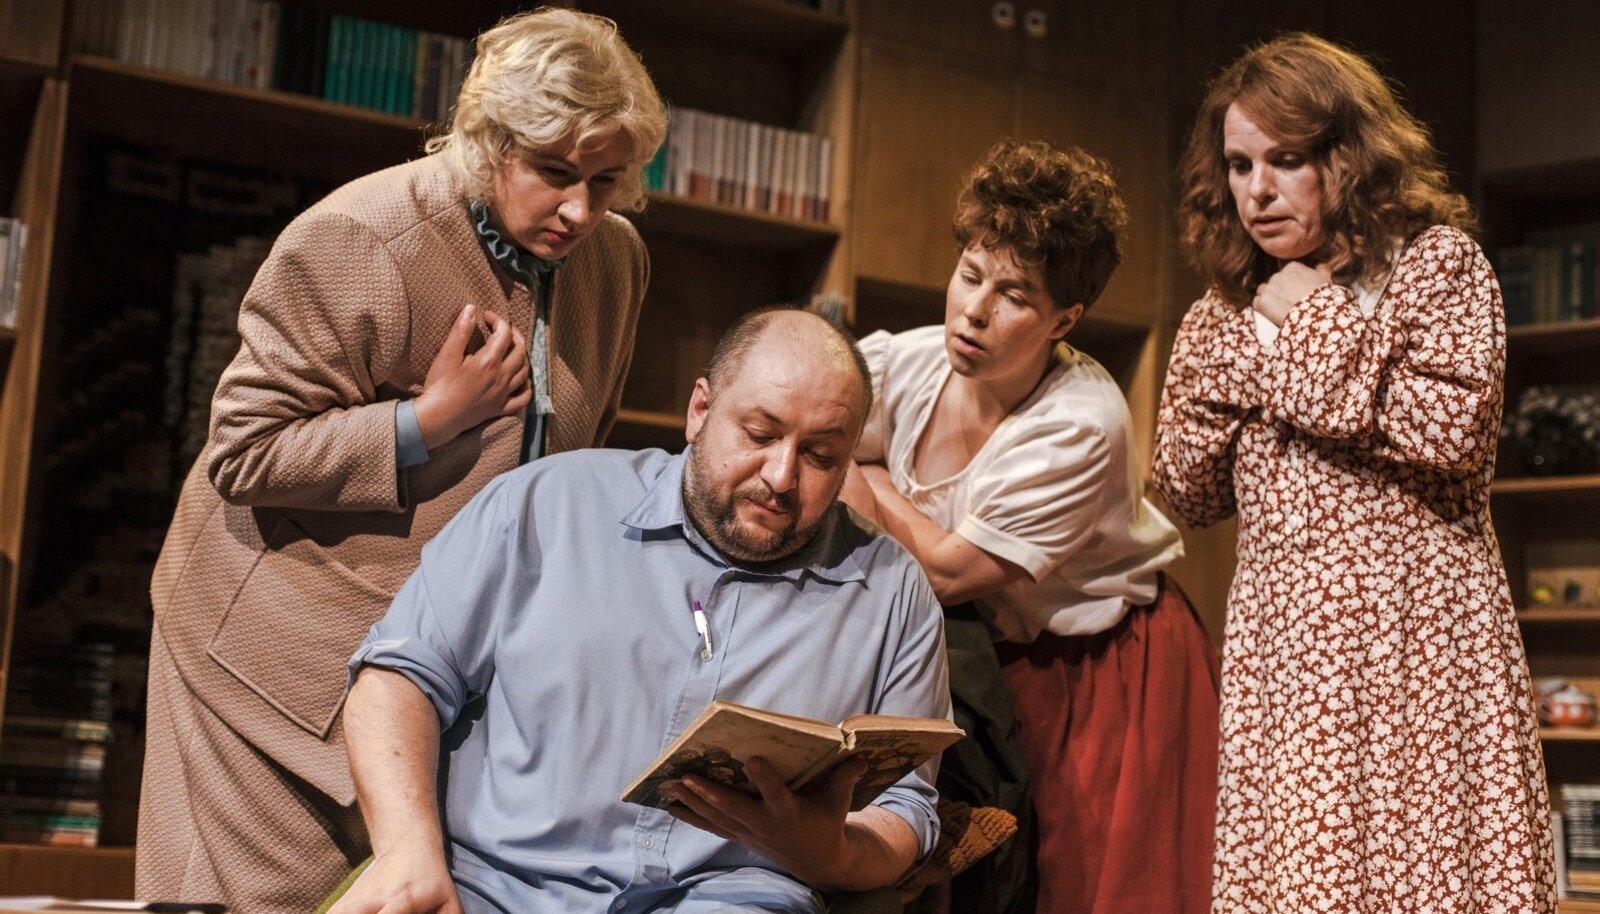 Nii näidendi autor kui ka keskne lavategelane (Peeter Rästas) on meeskirjanikud, kes on süvenenud naiste hingeellu.